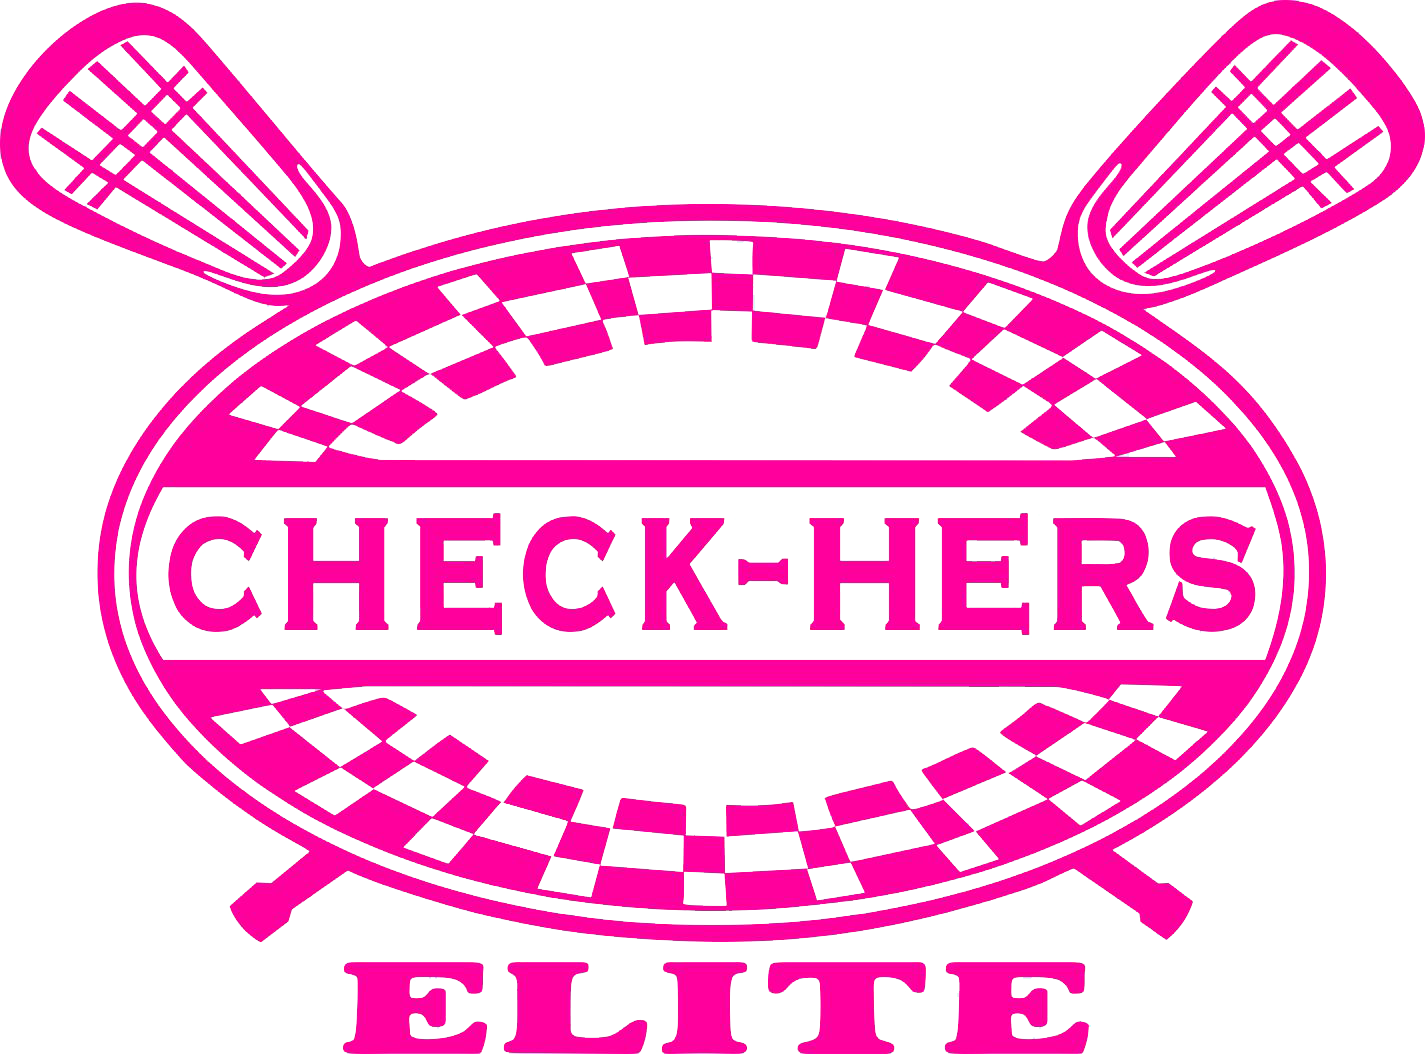 Check-Hers Elites